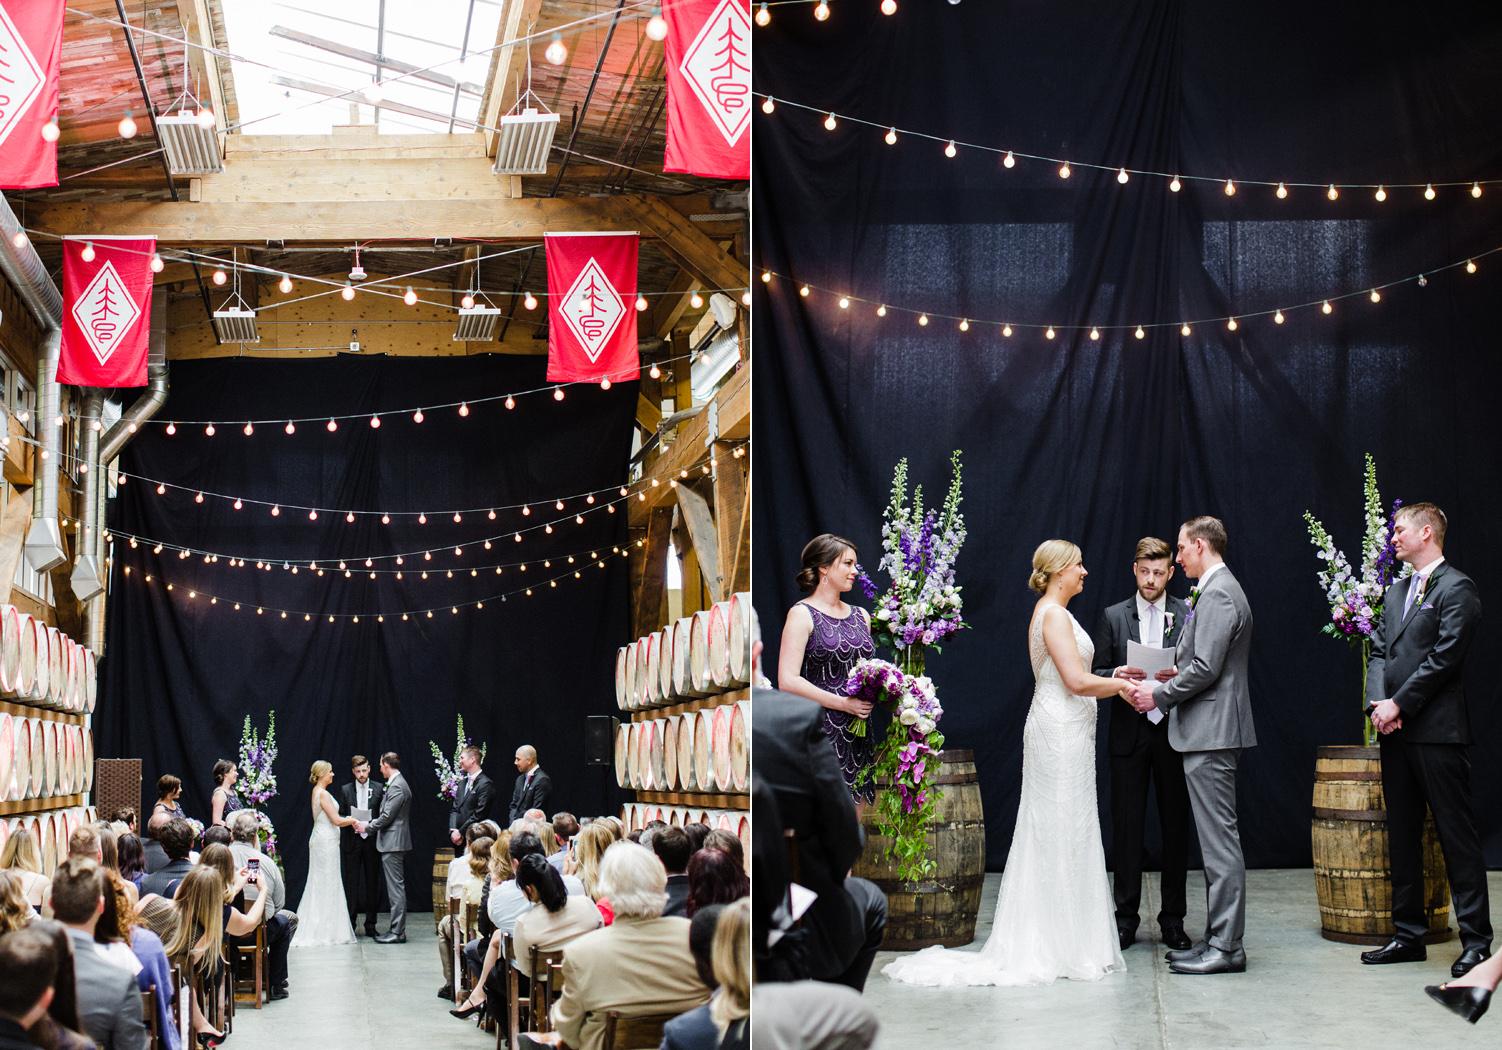 Westland Distillery Indoor Wedding Venue Ceremony Barrel Room by Alexandra Knight Photography